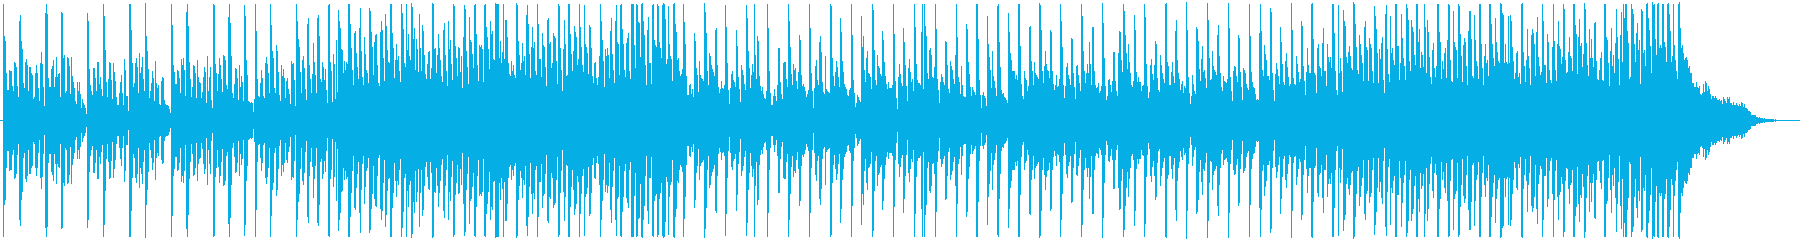 活気や元気のある明るいピアノの曲の再生済みの波形